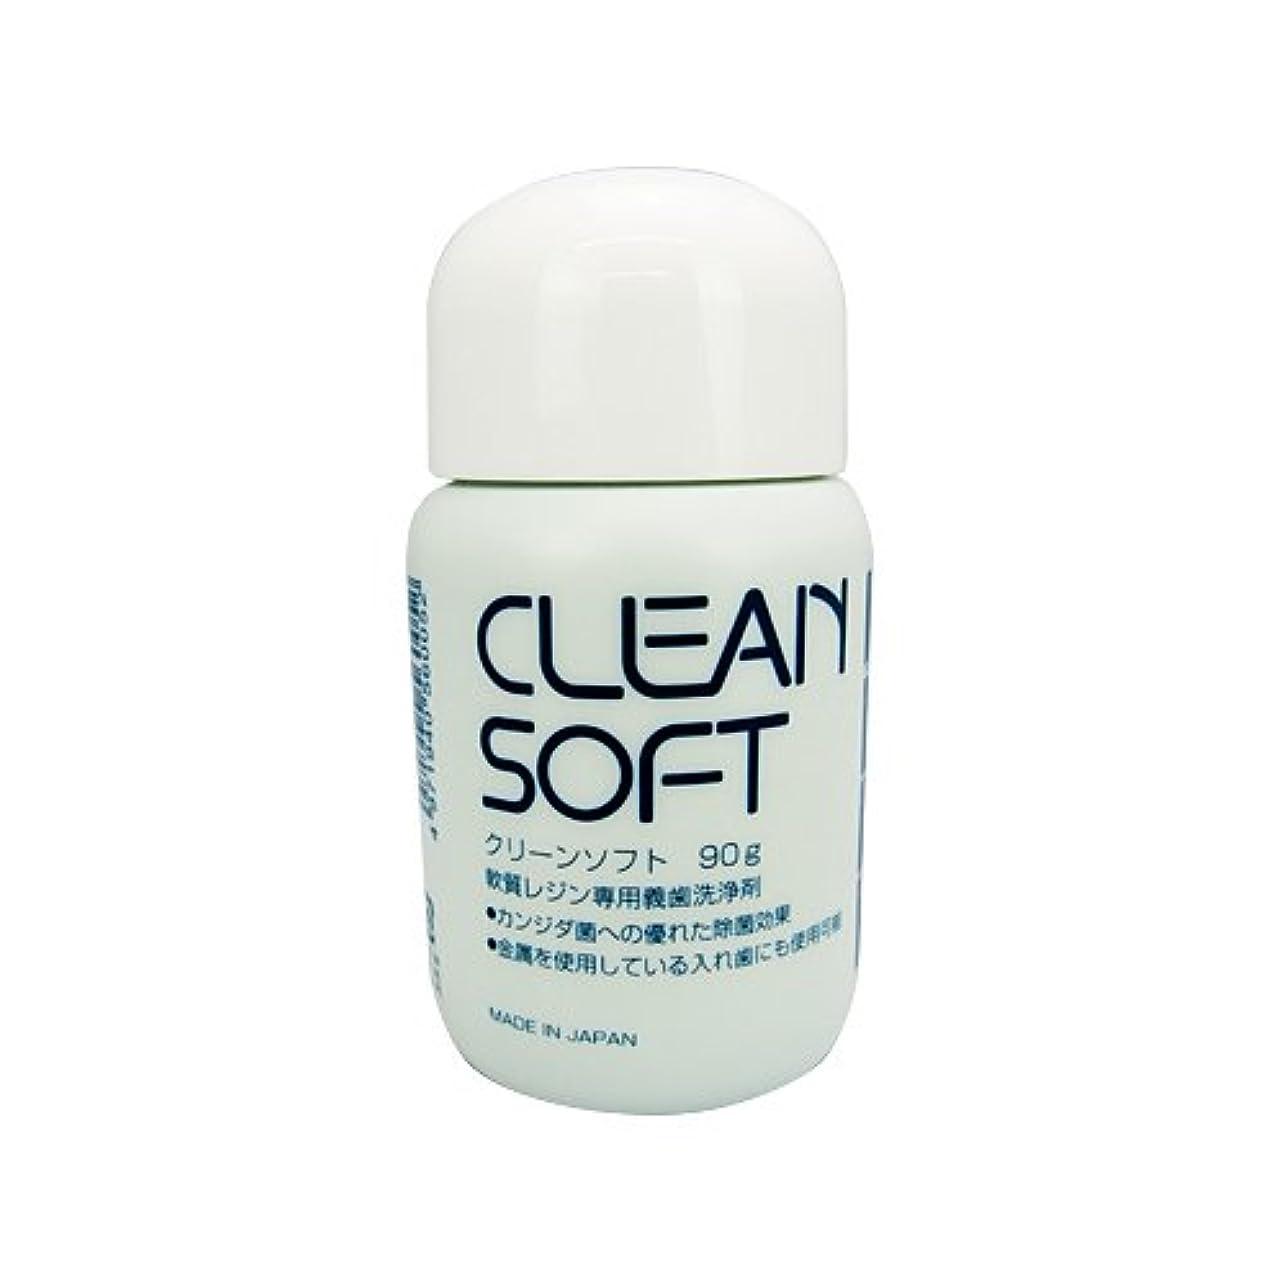 カメミズ クリーンソフト 義歯洗浄剤 90g × 1個